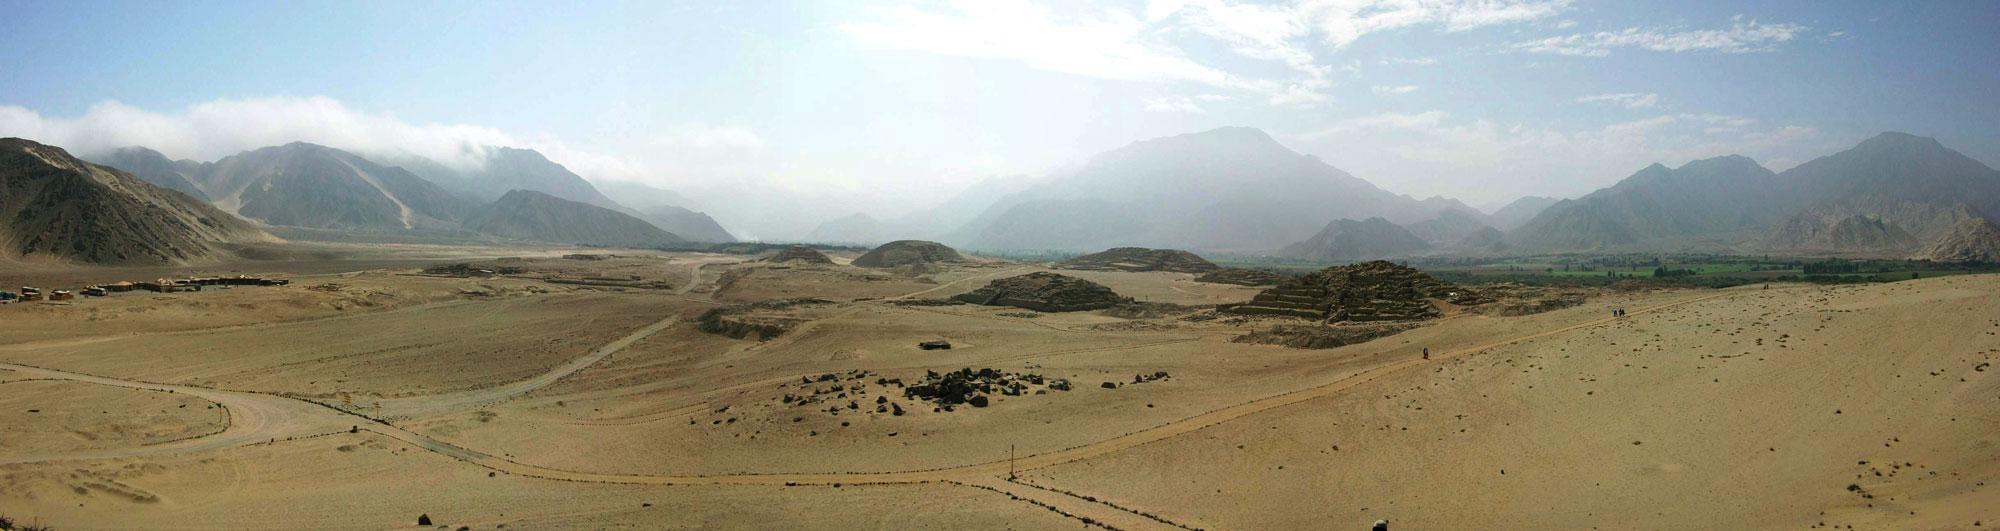 Panorâmica das ruínas de Caral, Peru. Foto: Edgar Marca / Flickr   Clique para ampliar.